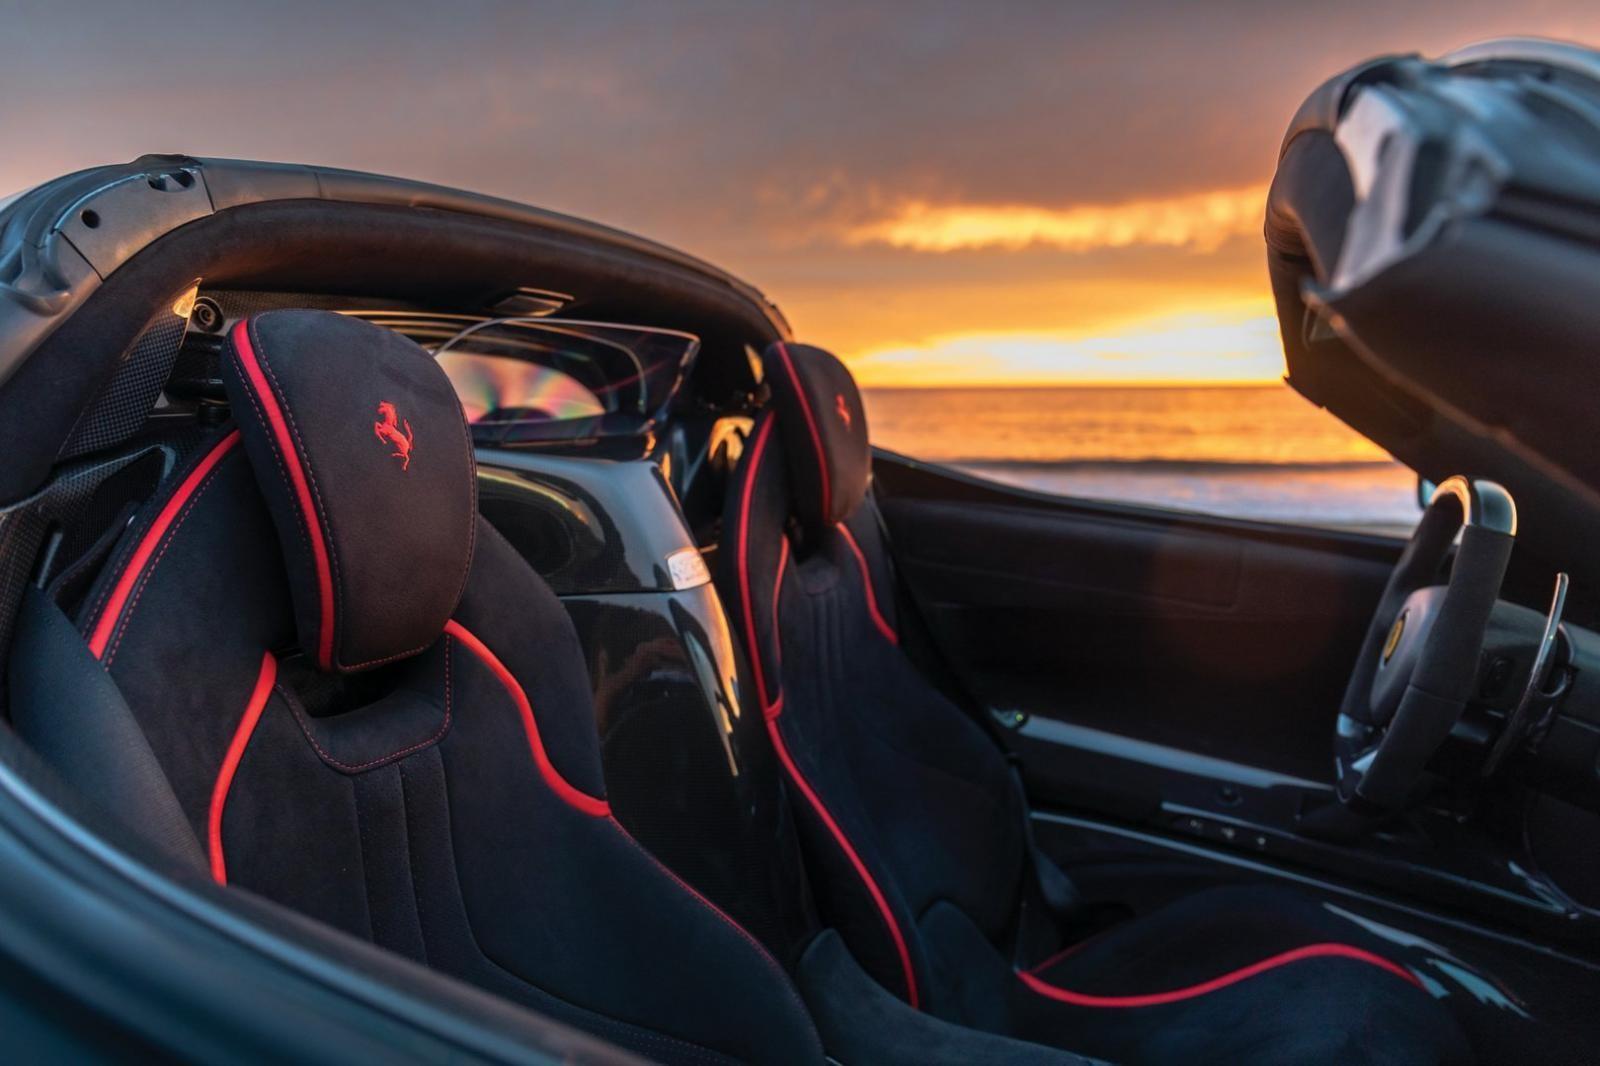 Vẻ đẹp tuyệt vời của nội thất Ferrari LaFerrari Aperta dưới ánh hoàng hôn